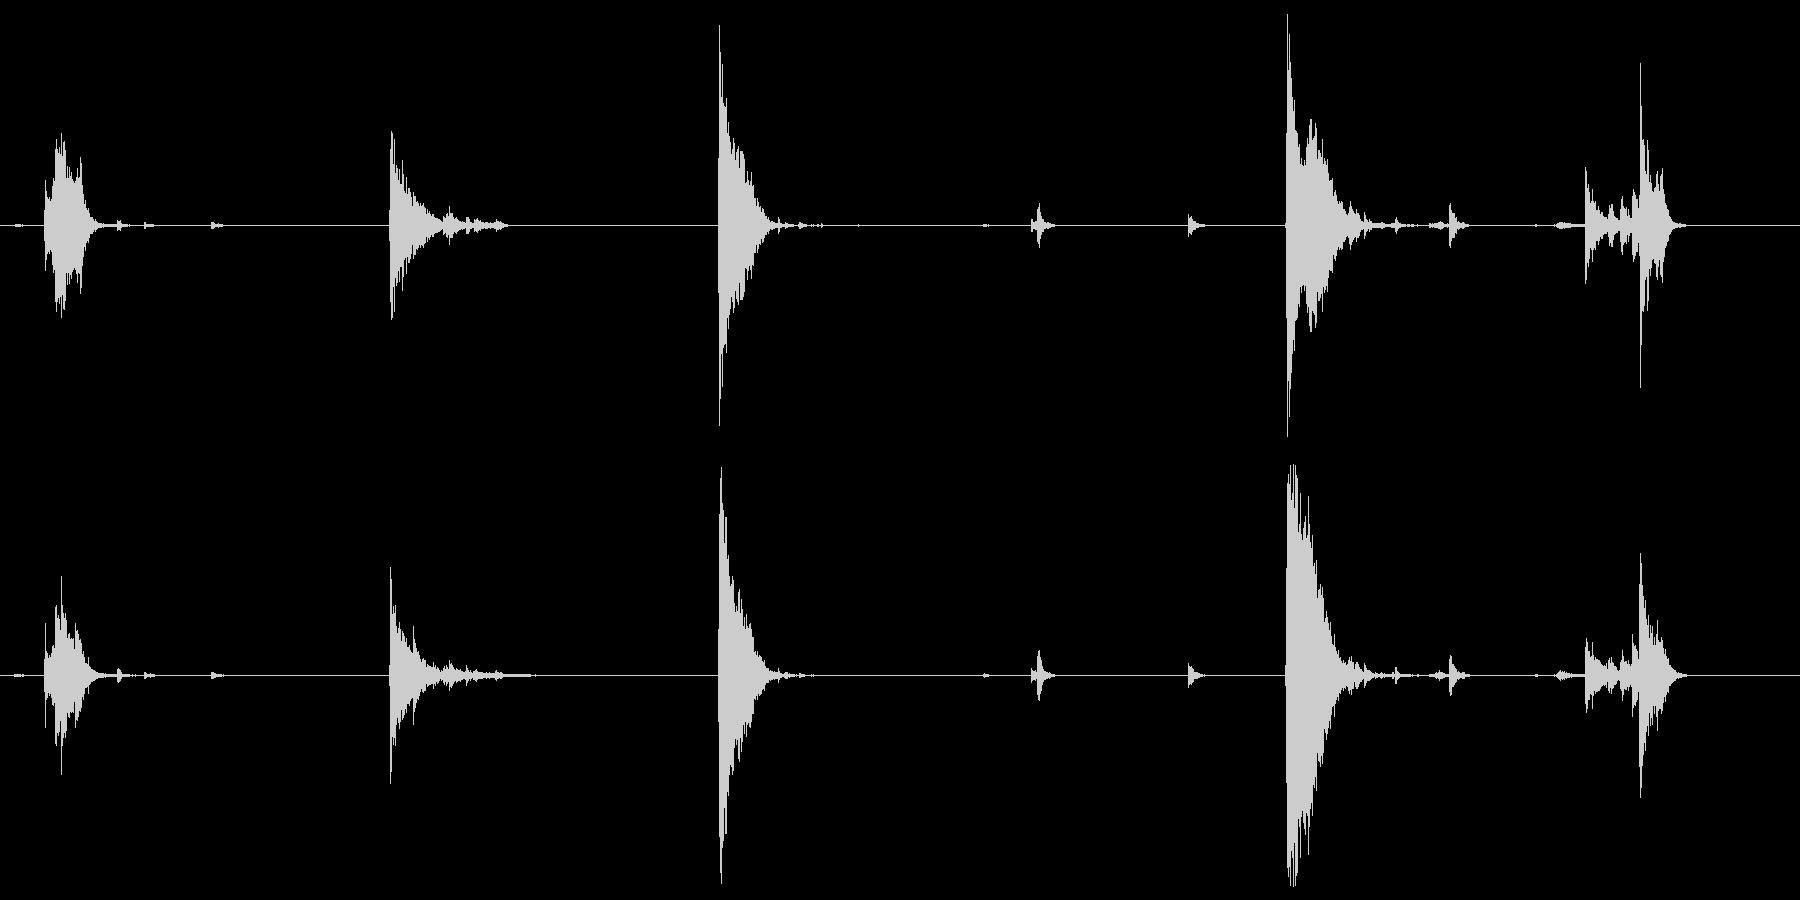 アルミニウム板、軽いガラガラとデブ...の未再生の波形